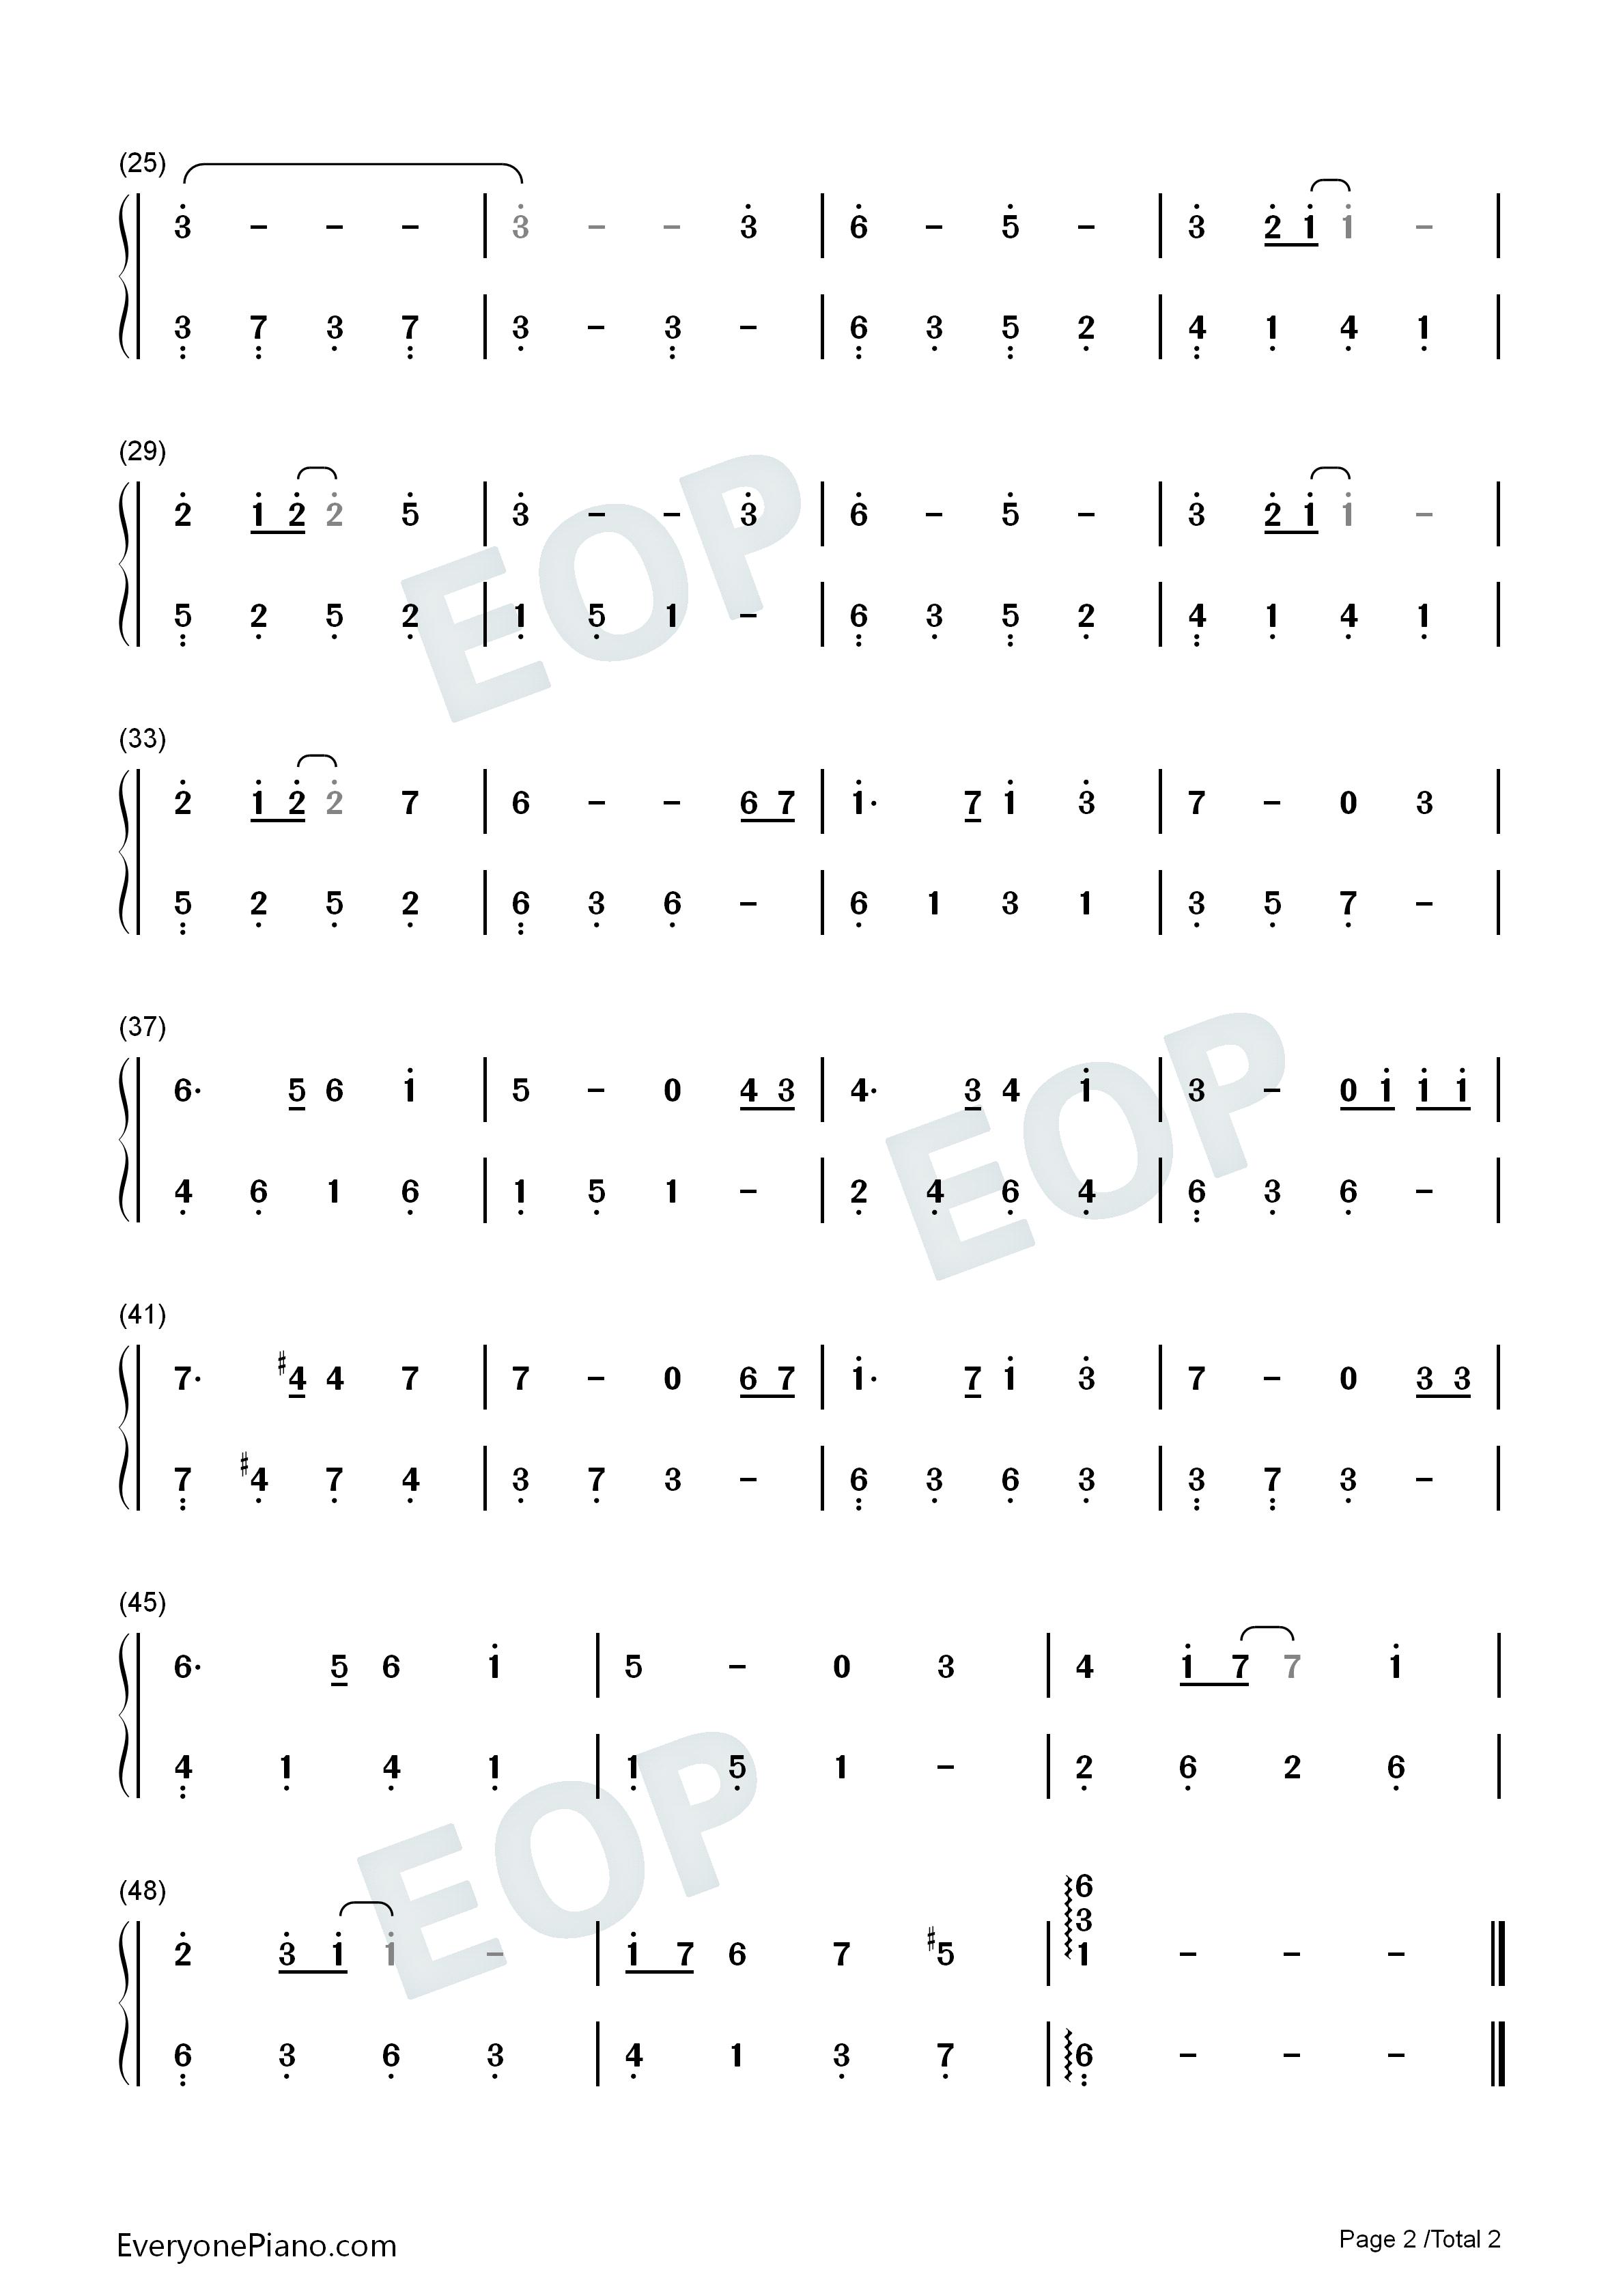 钢琴曲谱 动漫 天空之城-简单版 天空之城-简单版双手简谱预览2  }